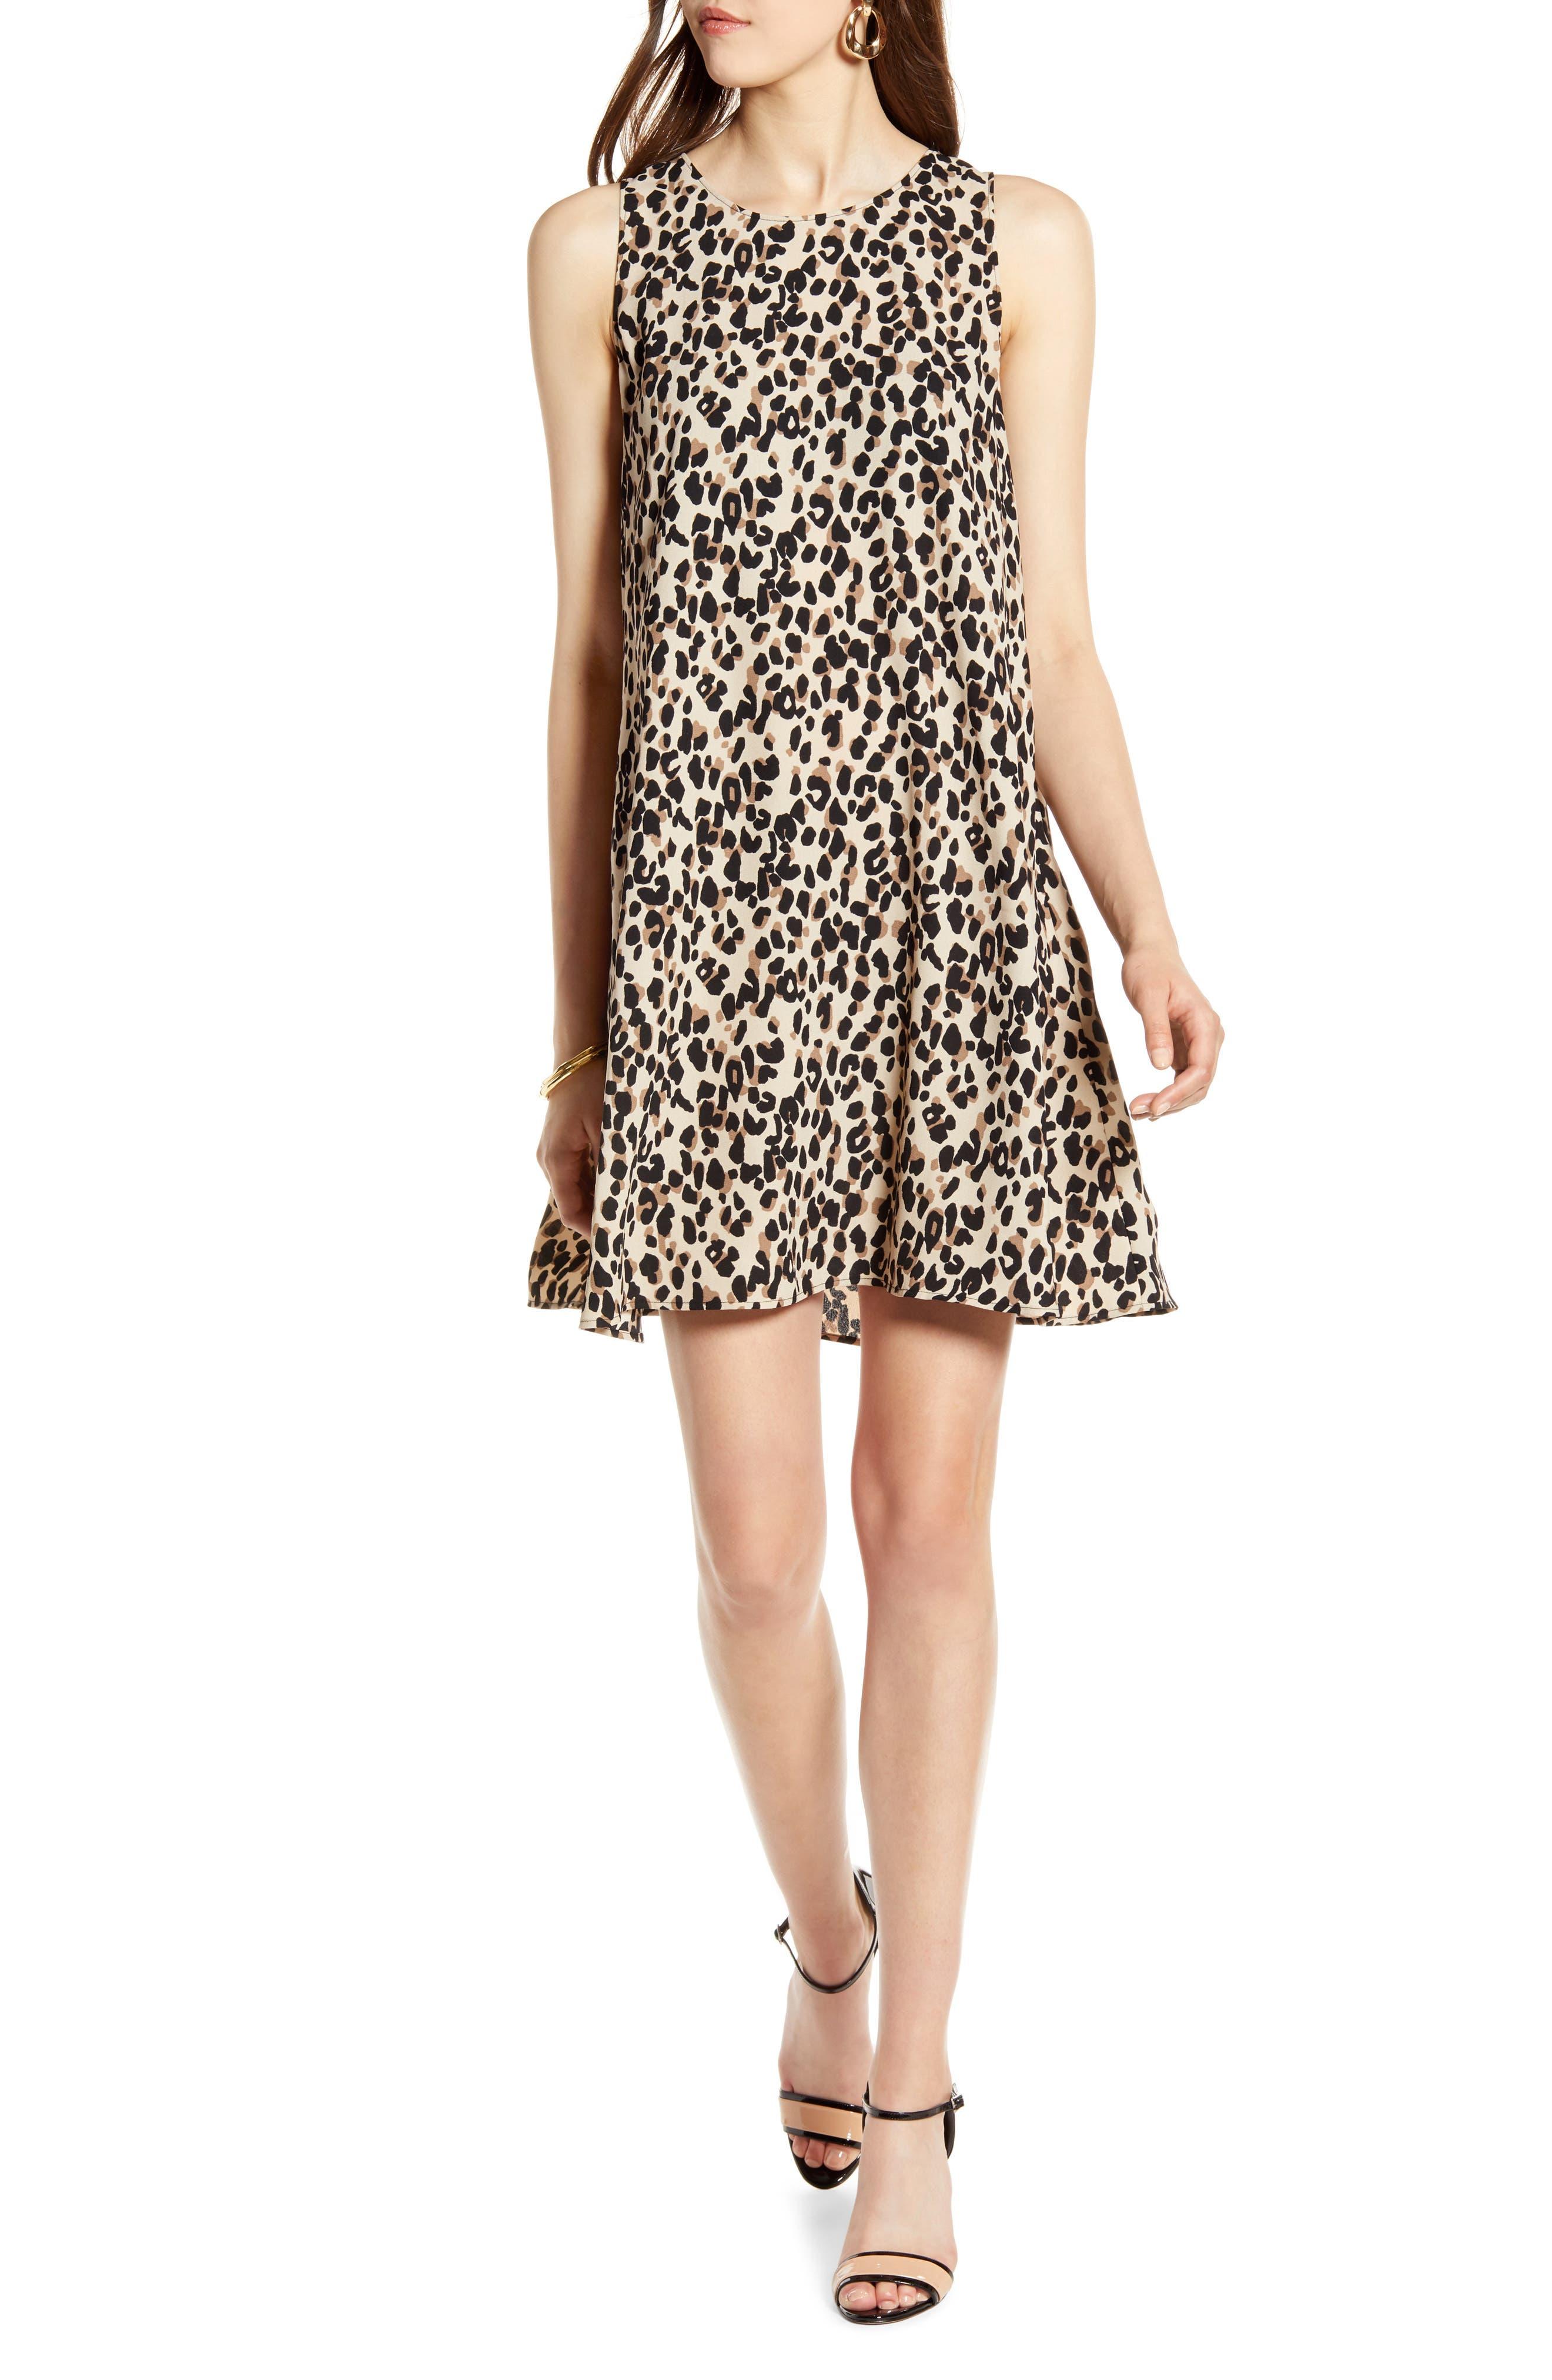 226f7fae86 Women's Work Dresses | Nordstrom